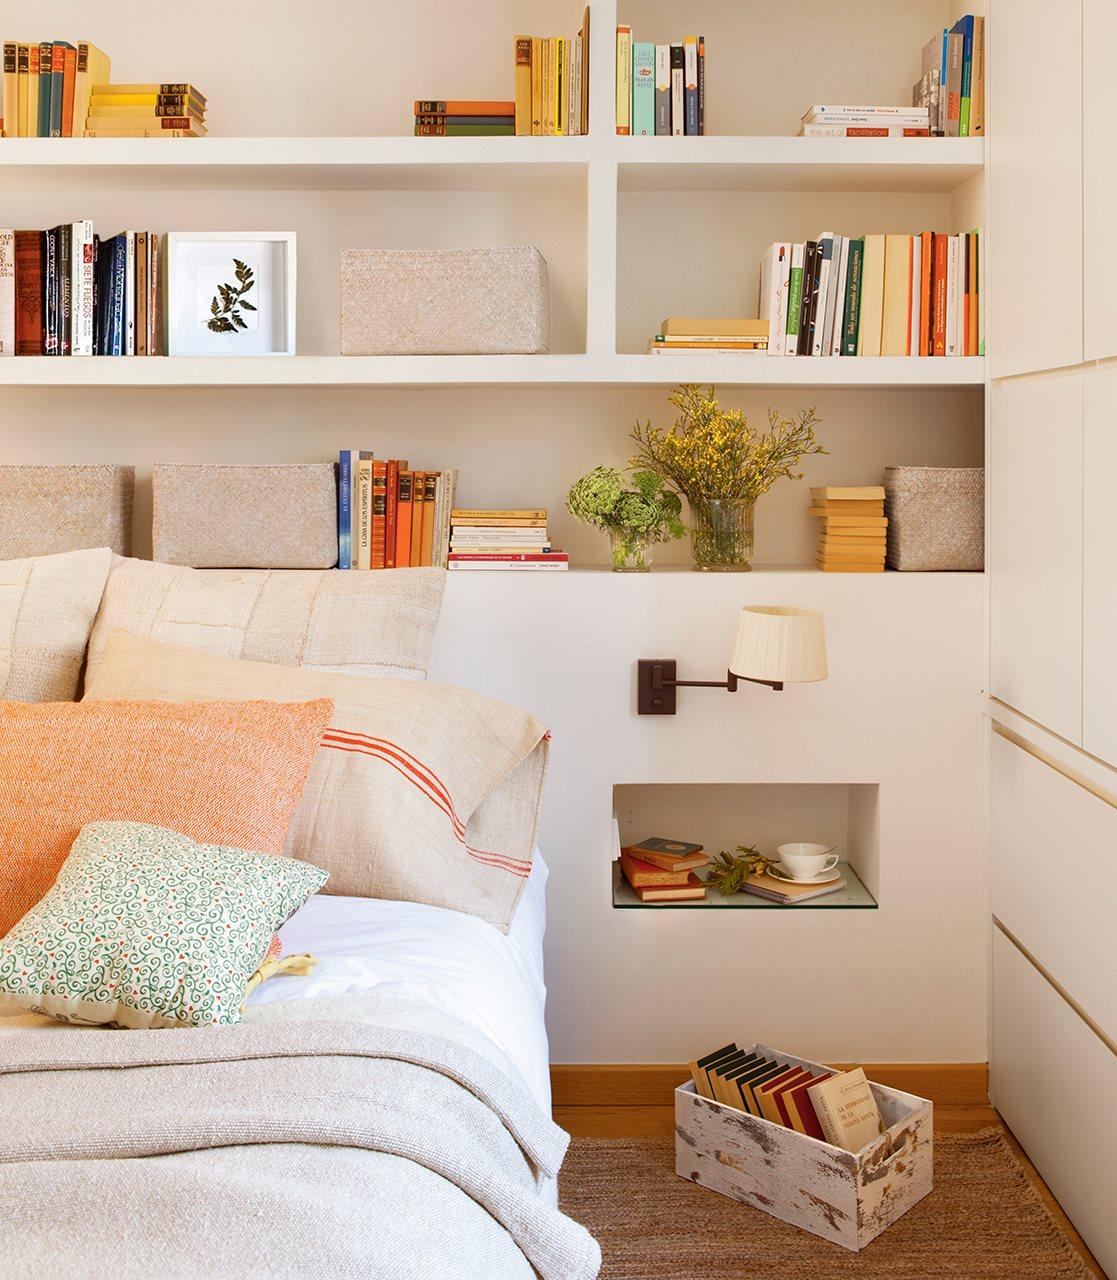 Un piso familiar reformado para ganar luz y comodidad - Mesillas de dormitorio ...